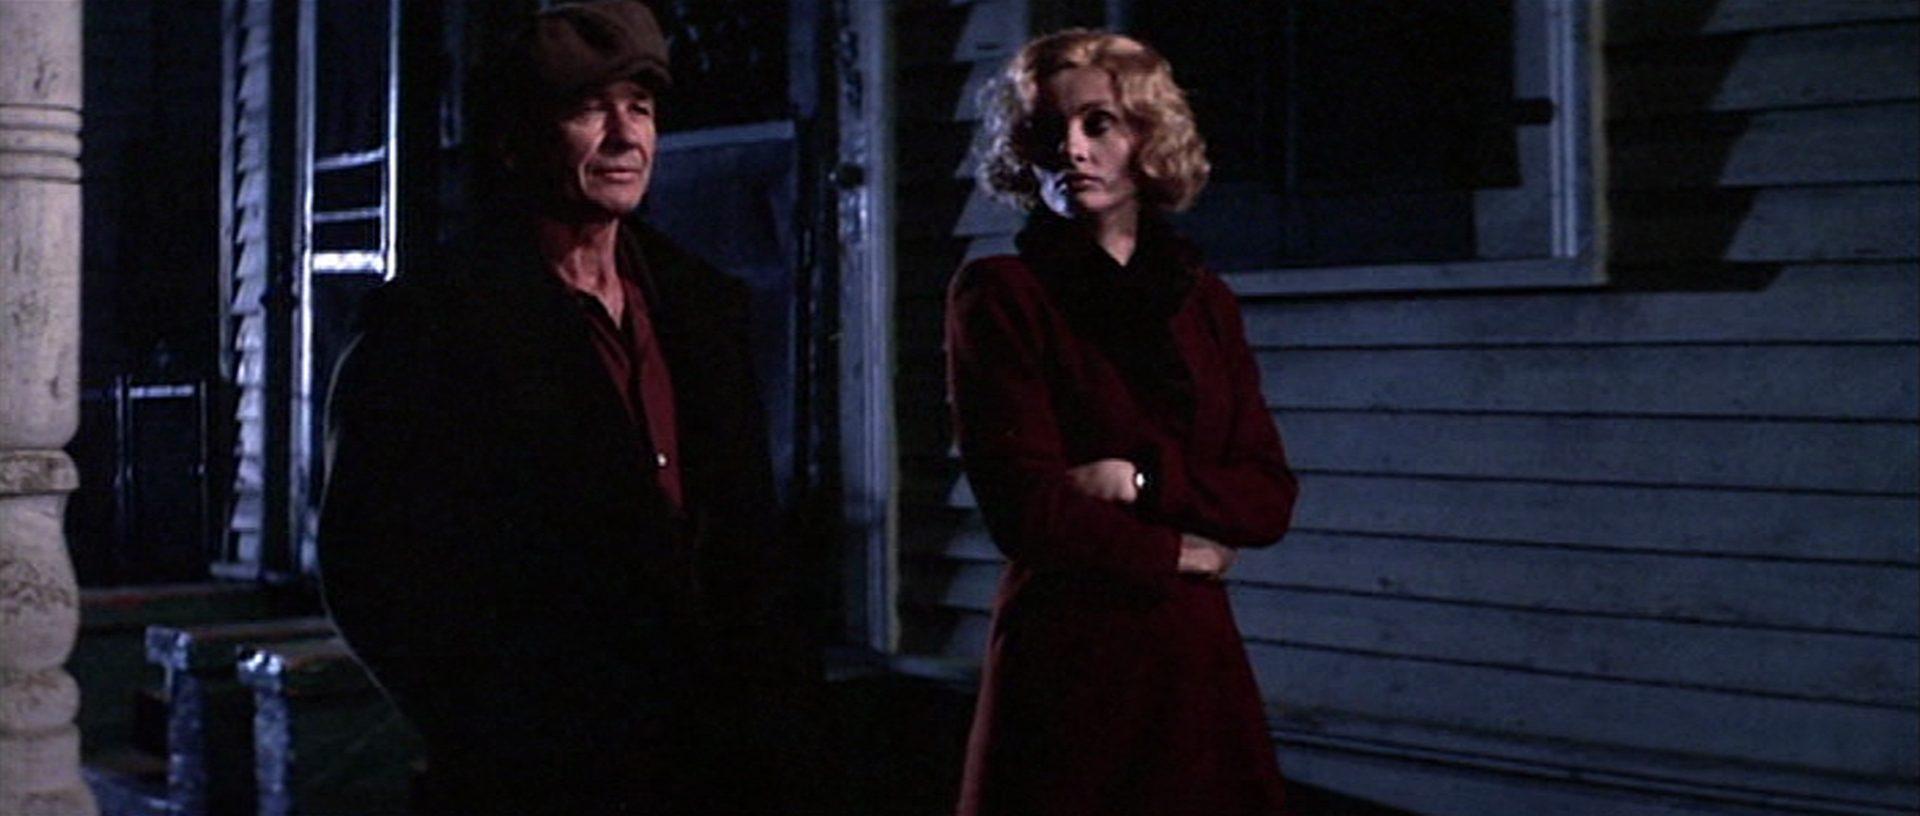 Nachtaufnahme von Charles Bronson und Jill Ireland bei einem Spaziergang.